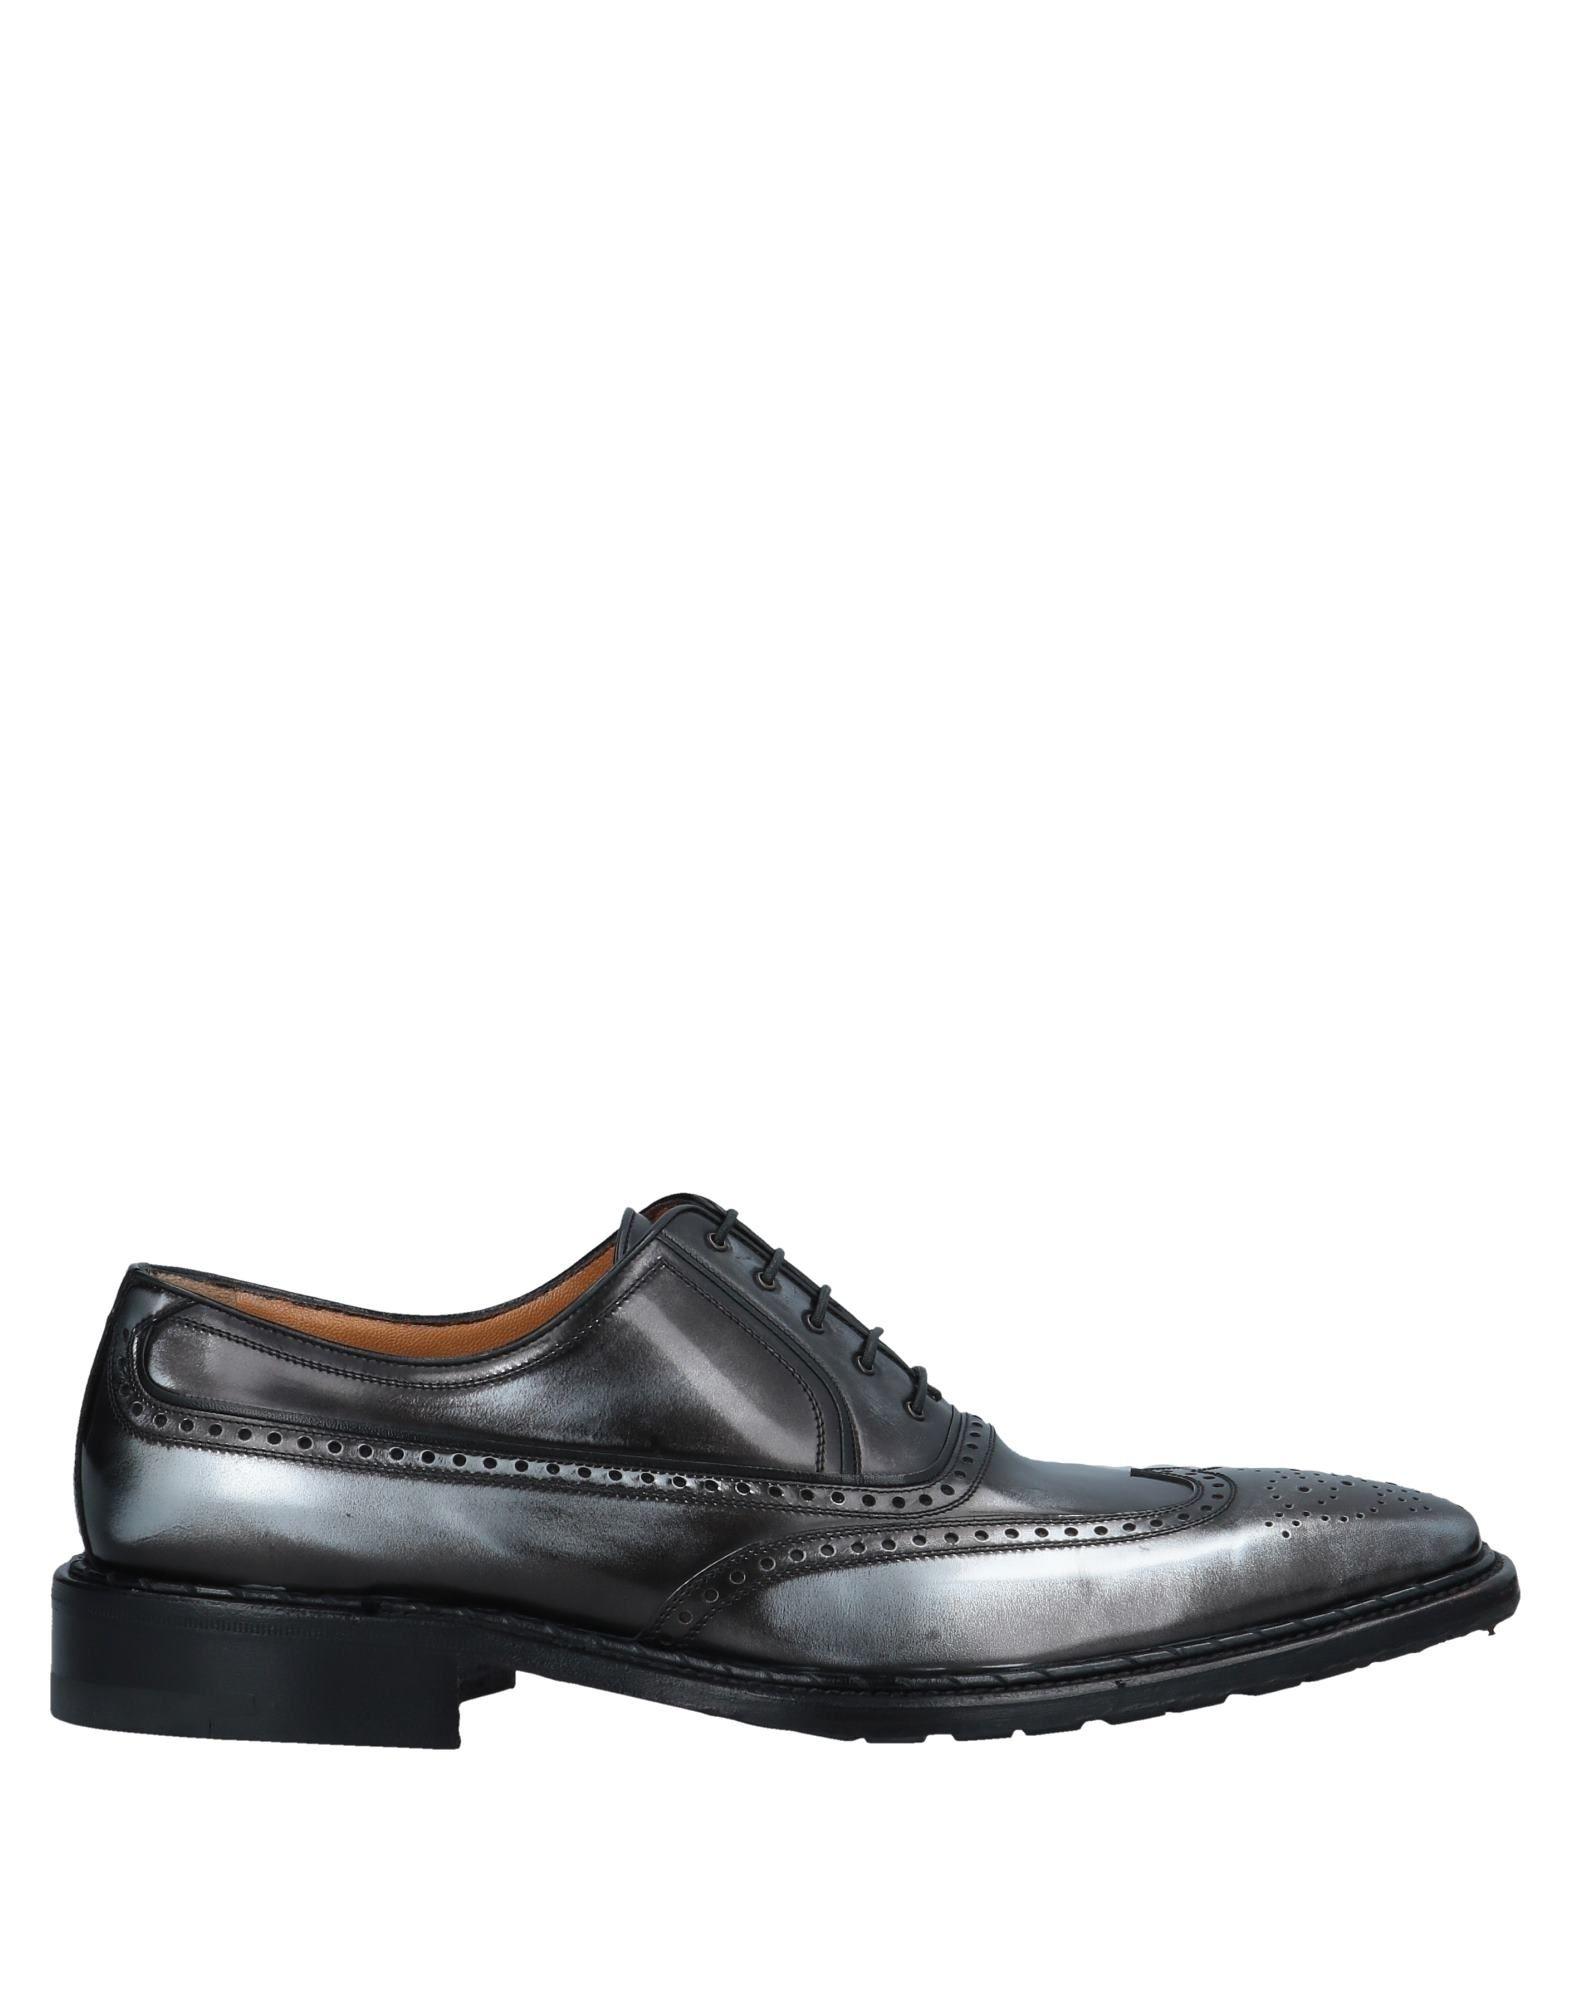 A.Testoni Schnürschuhe Herren  11555512EP Gute Qualität beliebte Schuhe